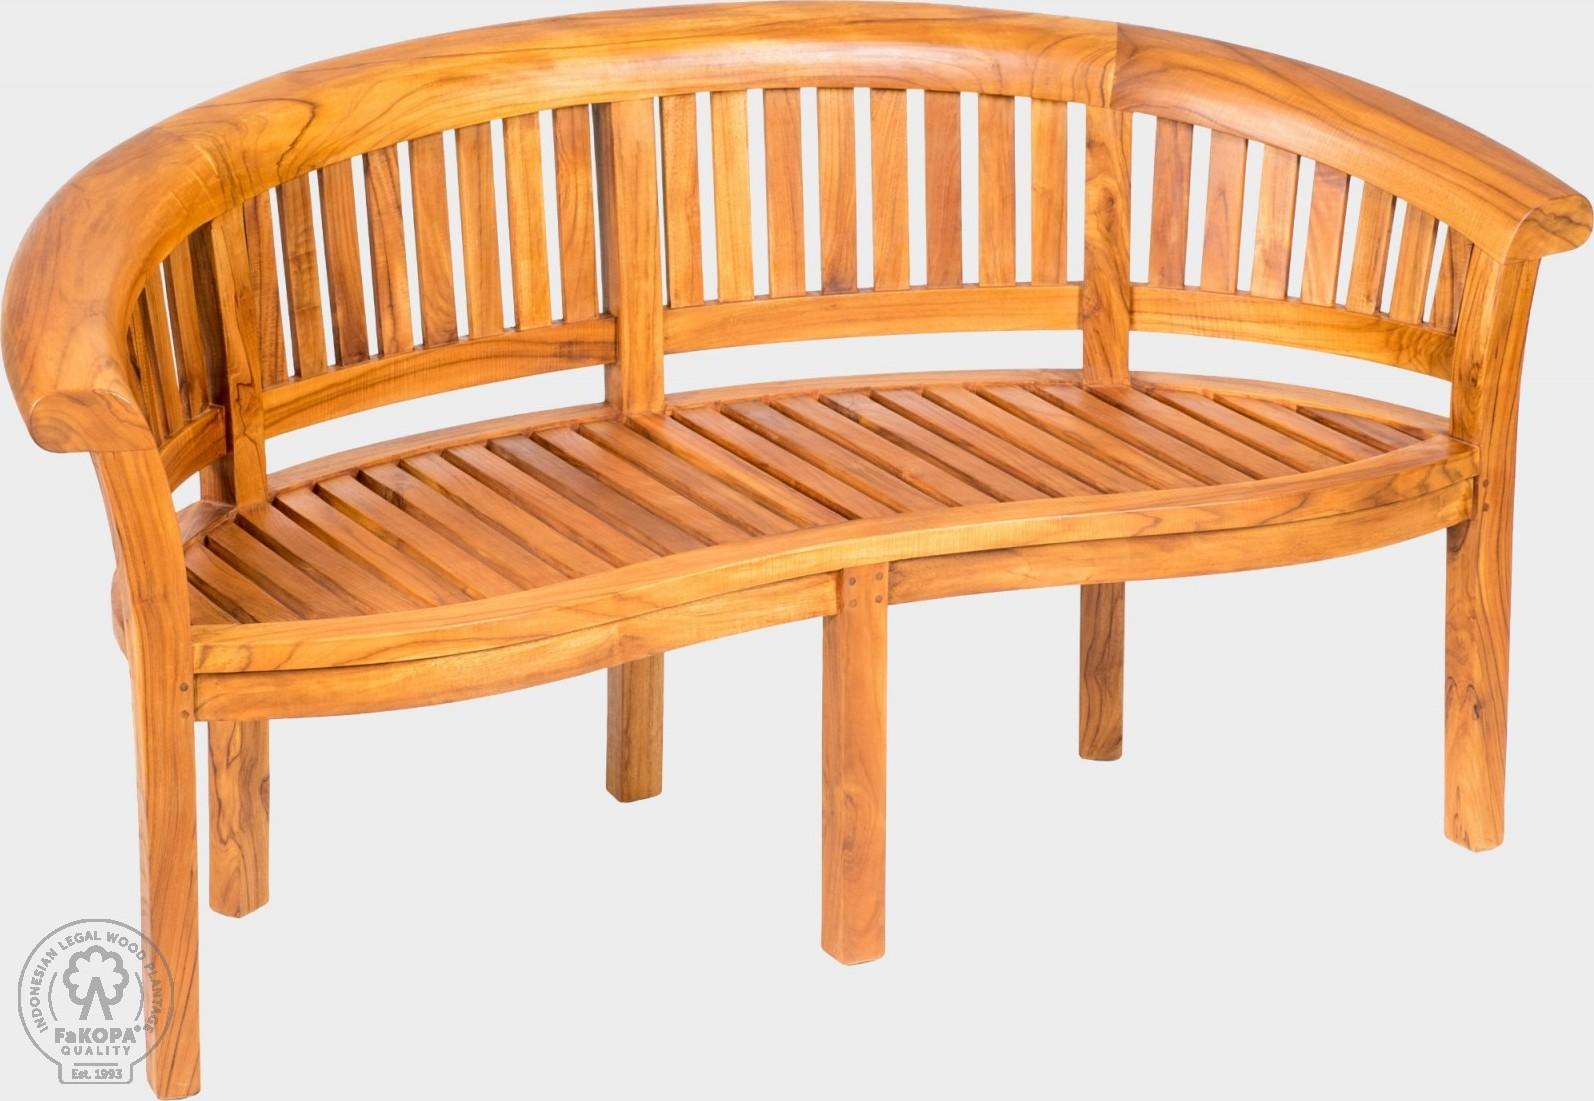 FaKOPA Zahradní stůl ledvinkového tvaru Inga